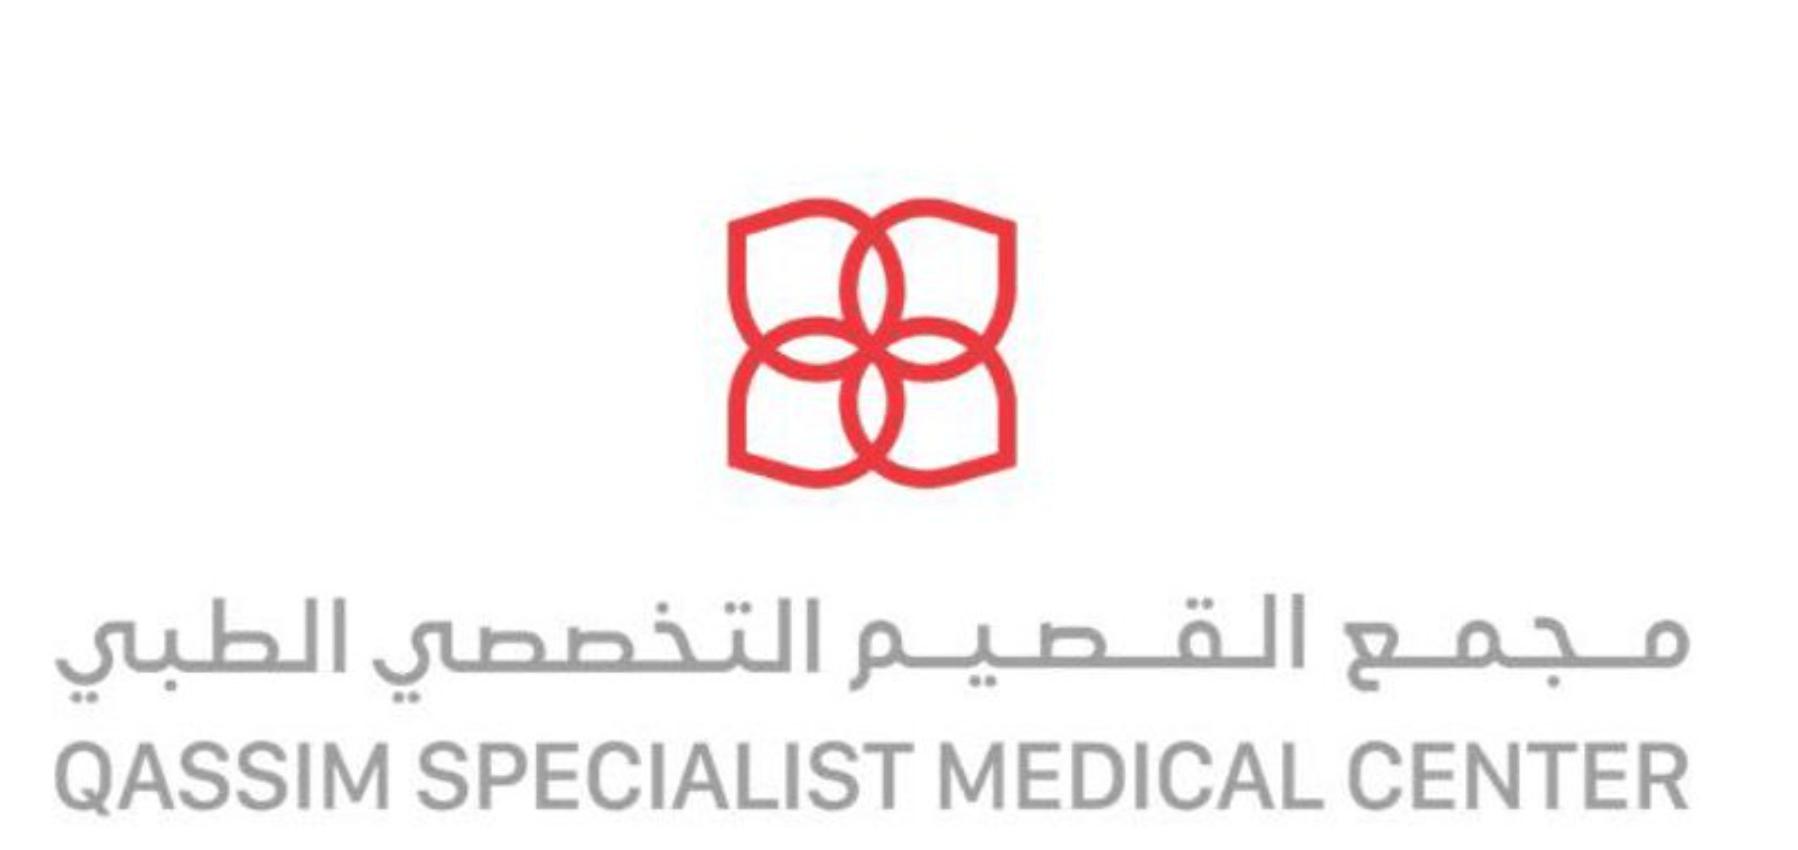 وظائف إدارية وصحية شاغرة بعدة مجالات لدى مجمع القصيم التخصصي الطبي 1